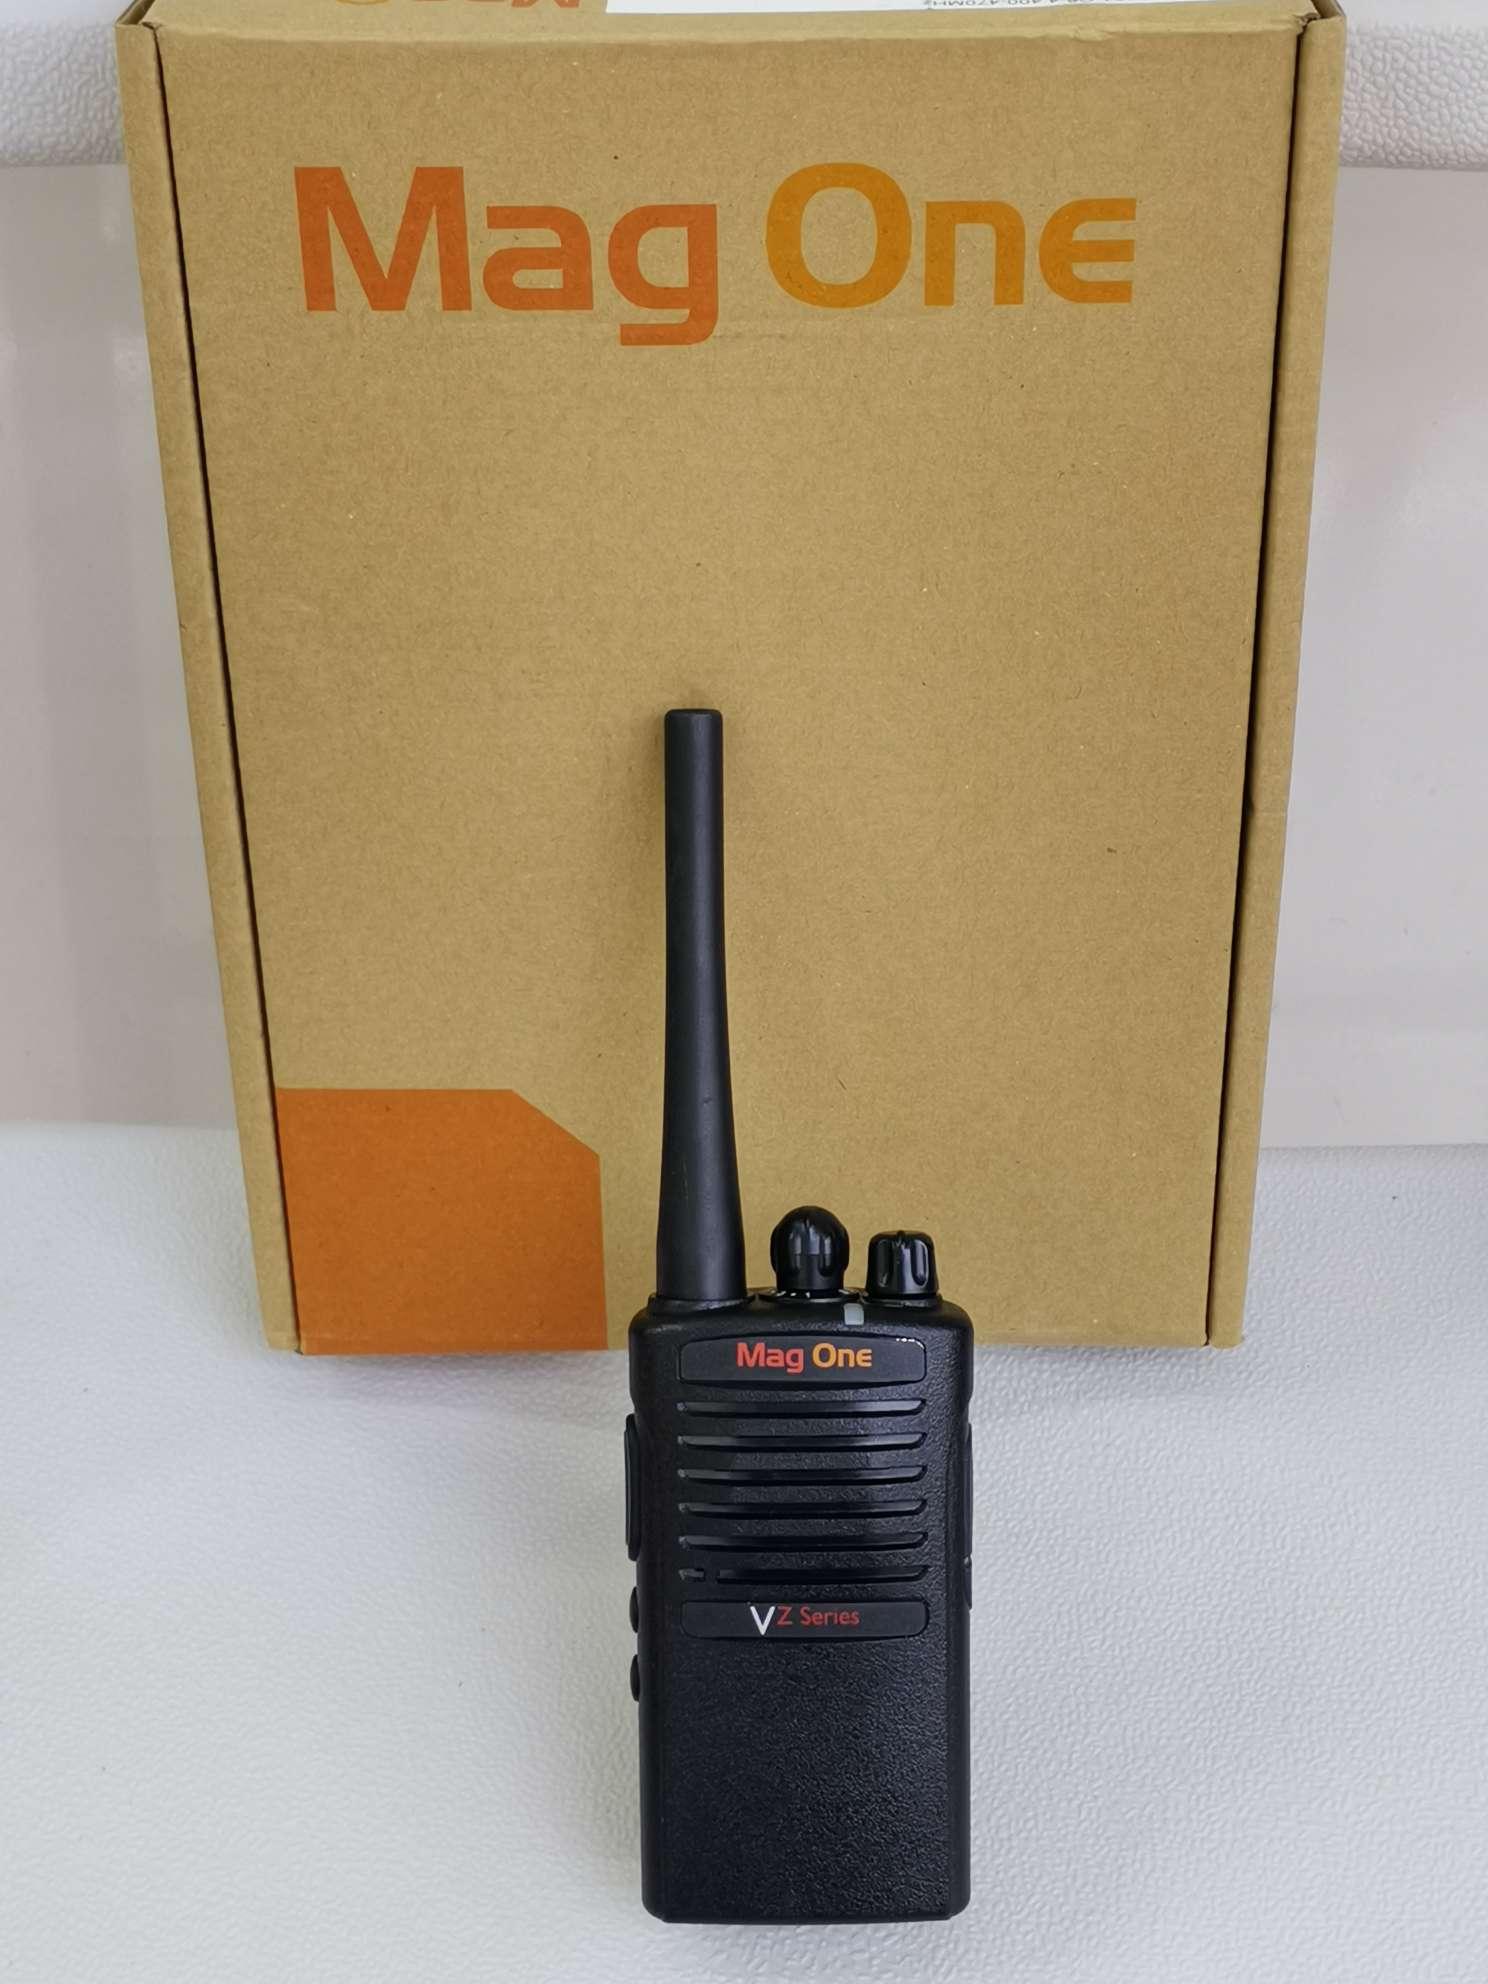 摩托罗拉品牌系列Mag One VZ-D131数字、模拟、数模混合三种信道模式兼容应急执法、工业建设、商业应用对讲机